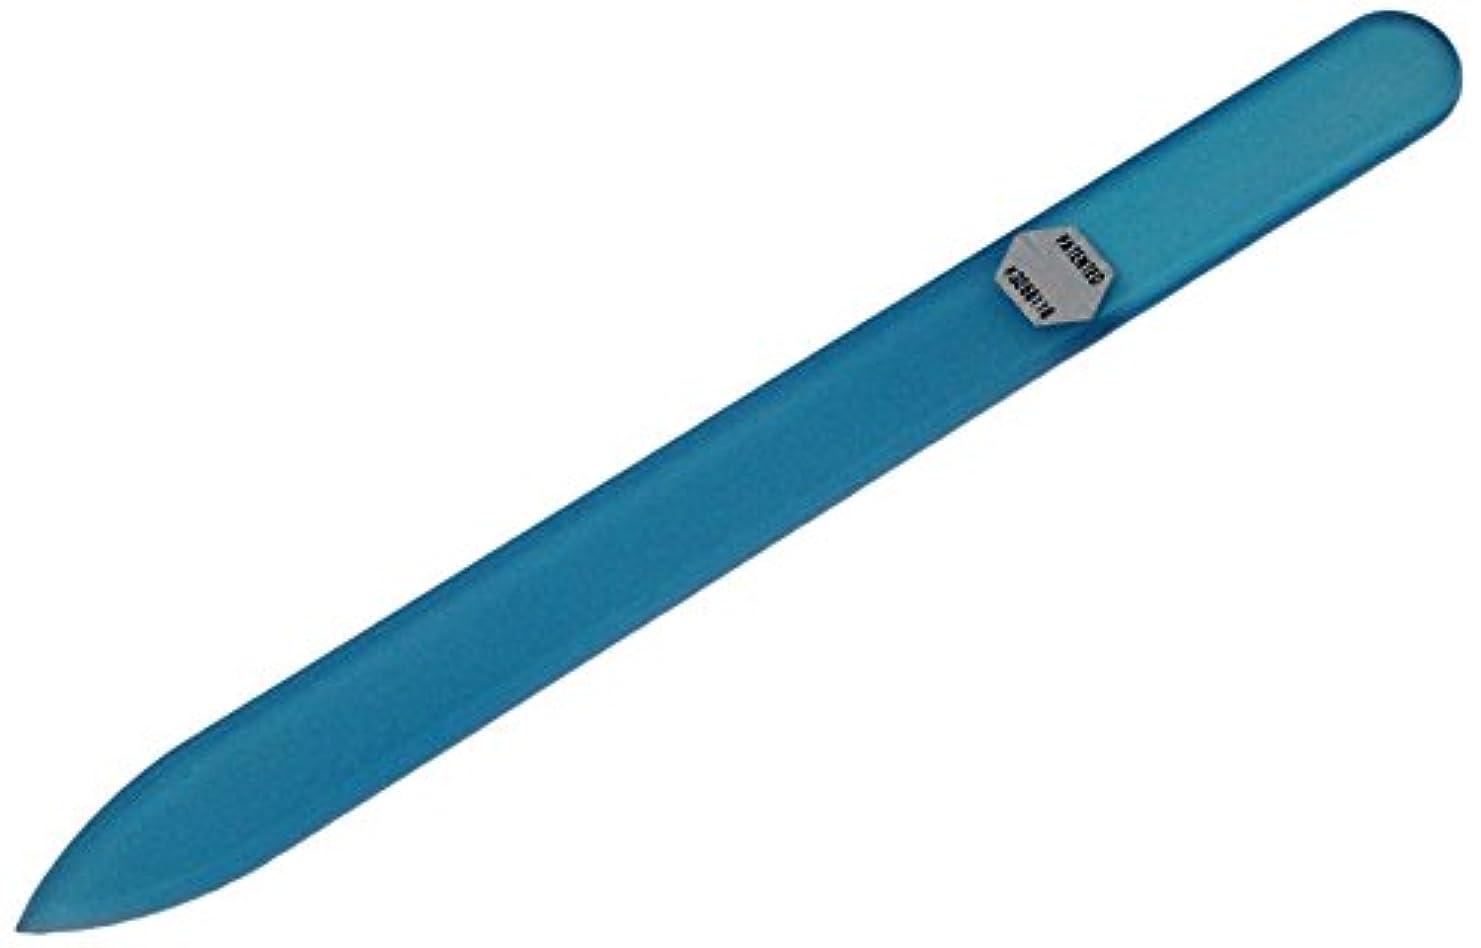 応用遠洋のビルマブラジェク ガラス爪やすり 140mm 片面タイプ オールカラー ブルー B-03